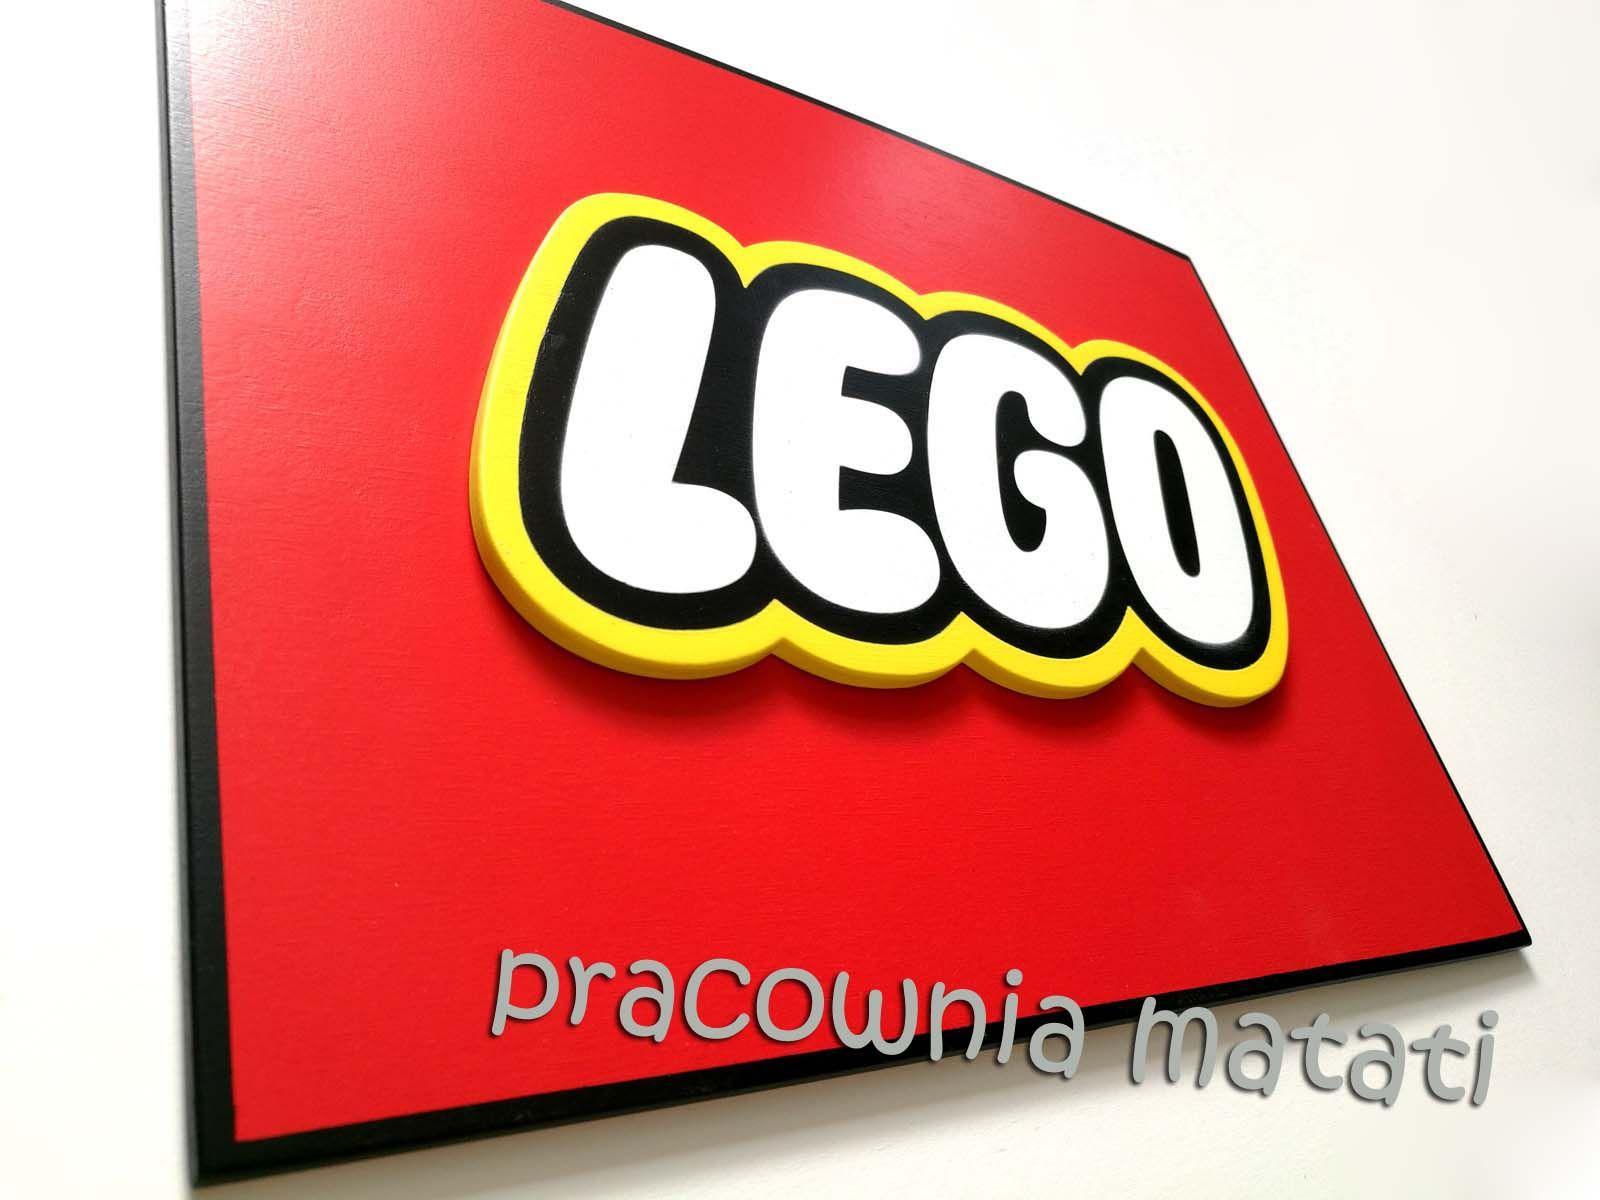 Lego Logo Klocki Klocki Lego Lego Duplo Matati Pracownia Matati Drewniane Dekoracje Pokoj Dziecka Pokoj Dzieciecy Wooden School Logos Cal Logo Logos